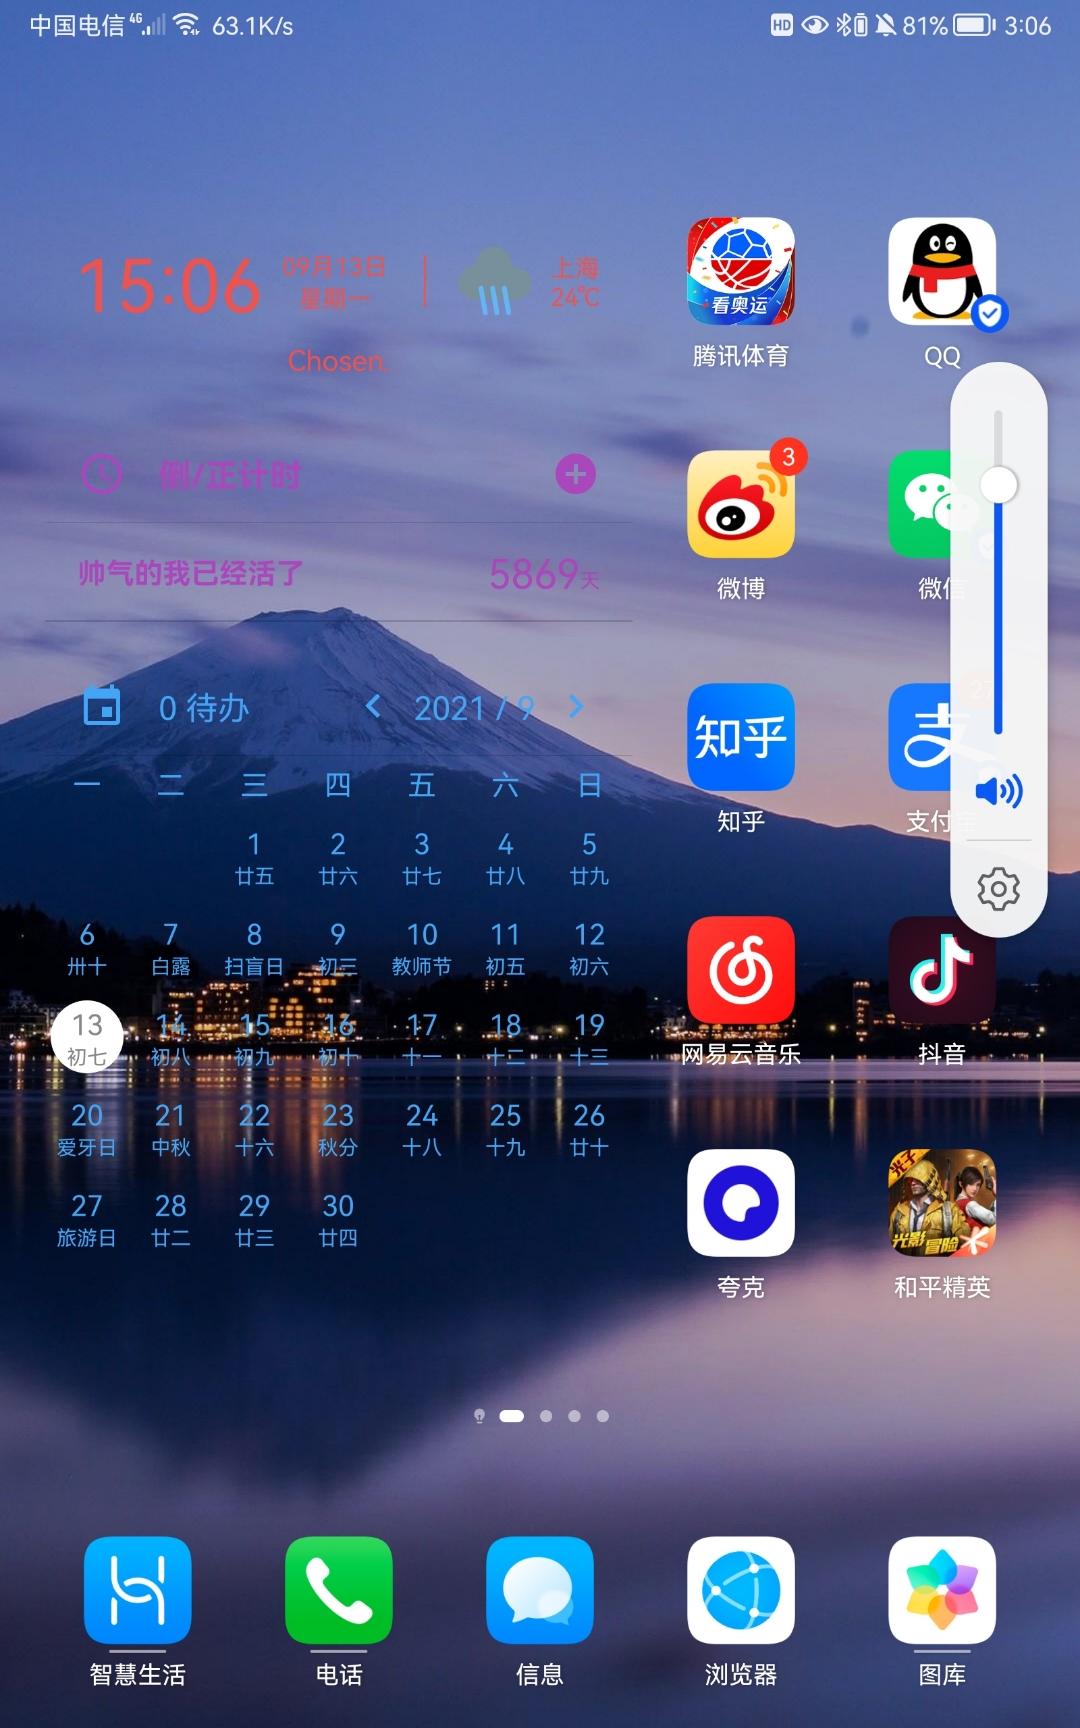 Screenshot_20210913_150607_com.huawei.android.launcher.jpg